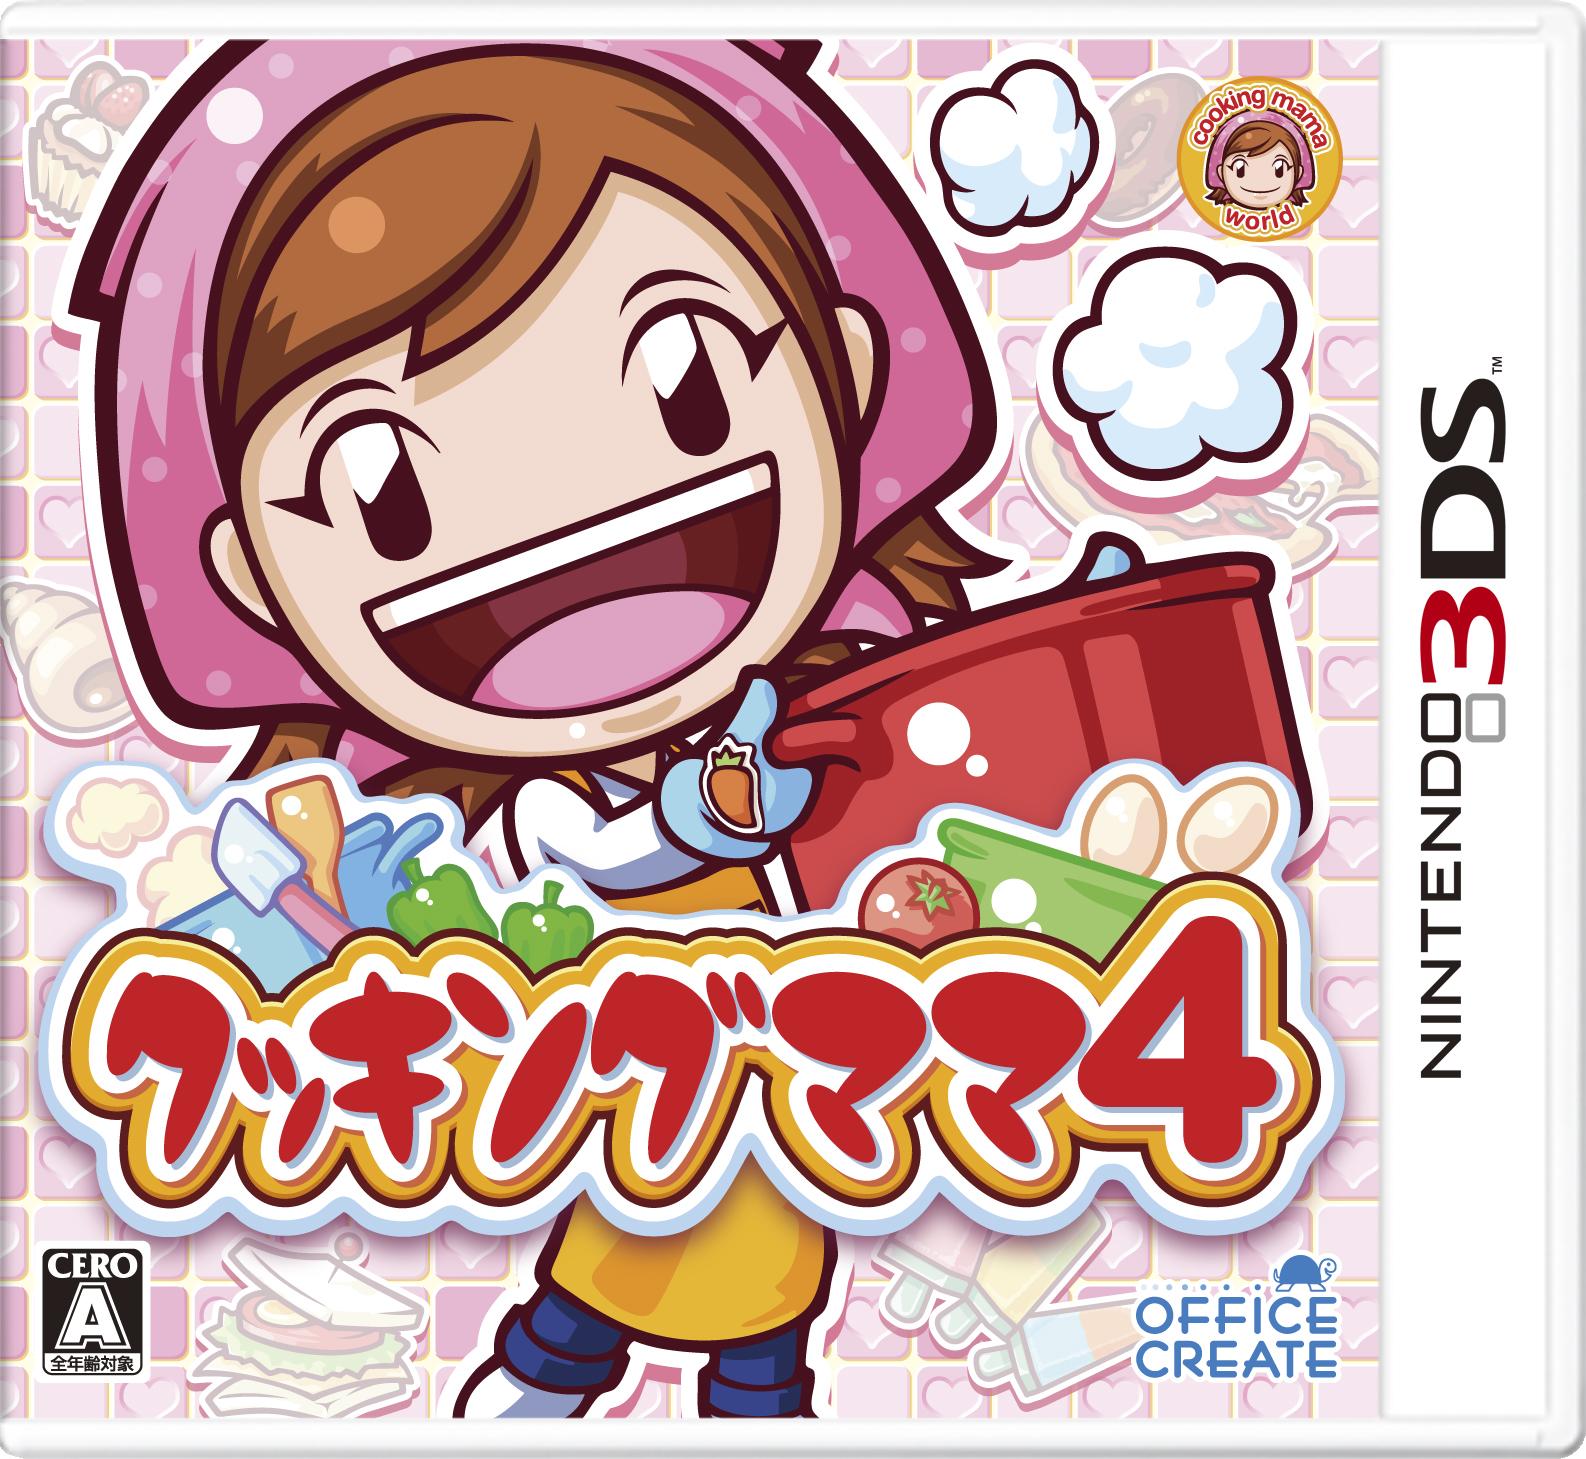 海外の女児市場を中心に累計1,200万本に達した特異な日本発の 大ヒットゲーム「クッキングママ シリーズ」 最新作ニンテンドー3DS『クッキングママ4』 東京ゲームショウ出展(「ちゃおフェス(※)」での体験者数実績6,000人超)